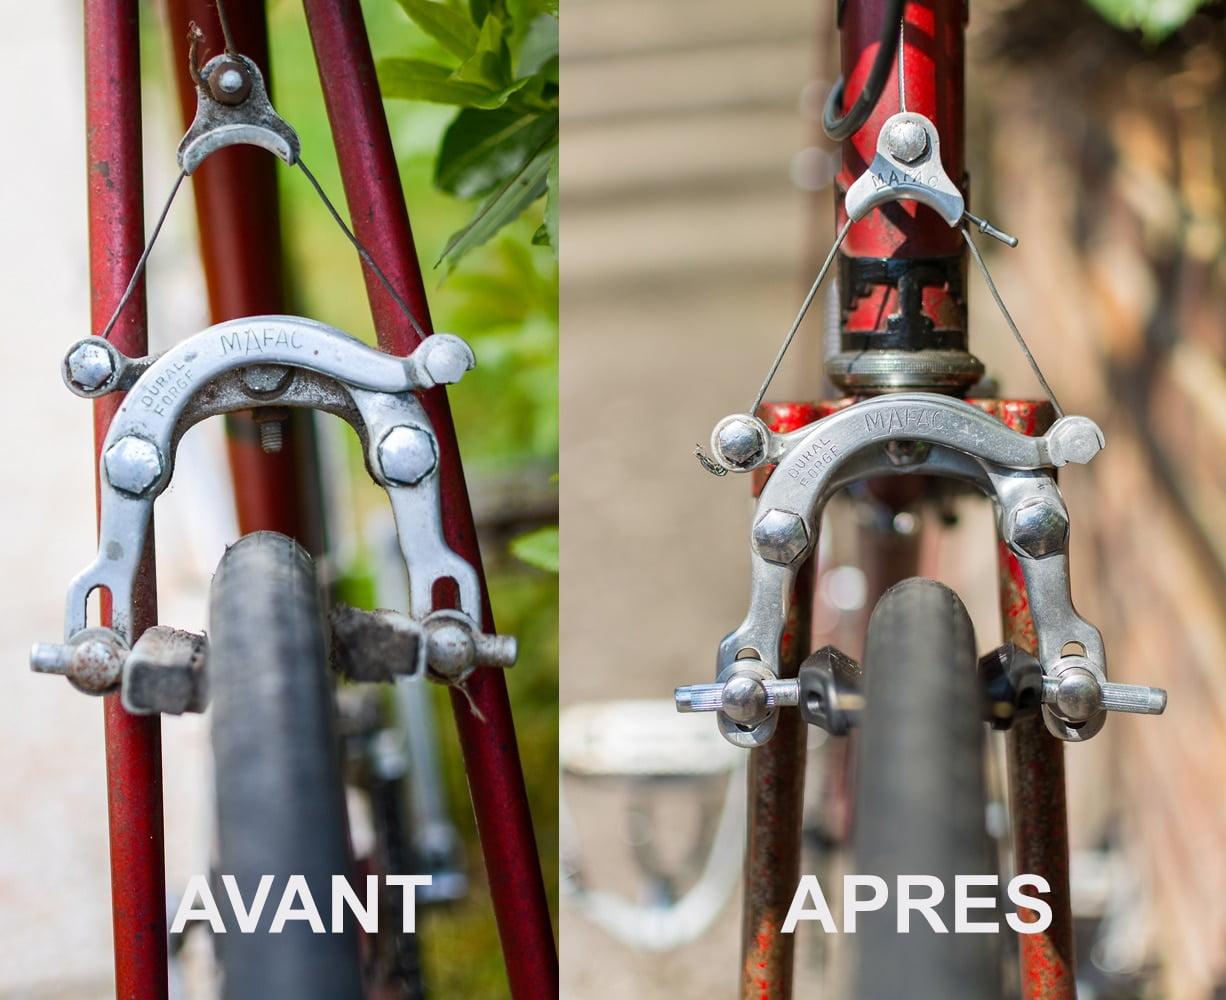 Différence entre avant et après la restauration du vieux vélo